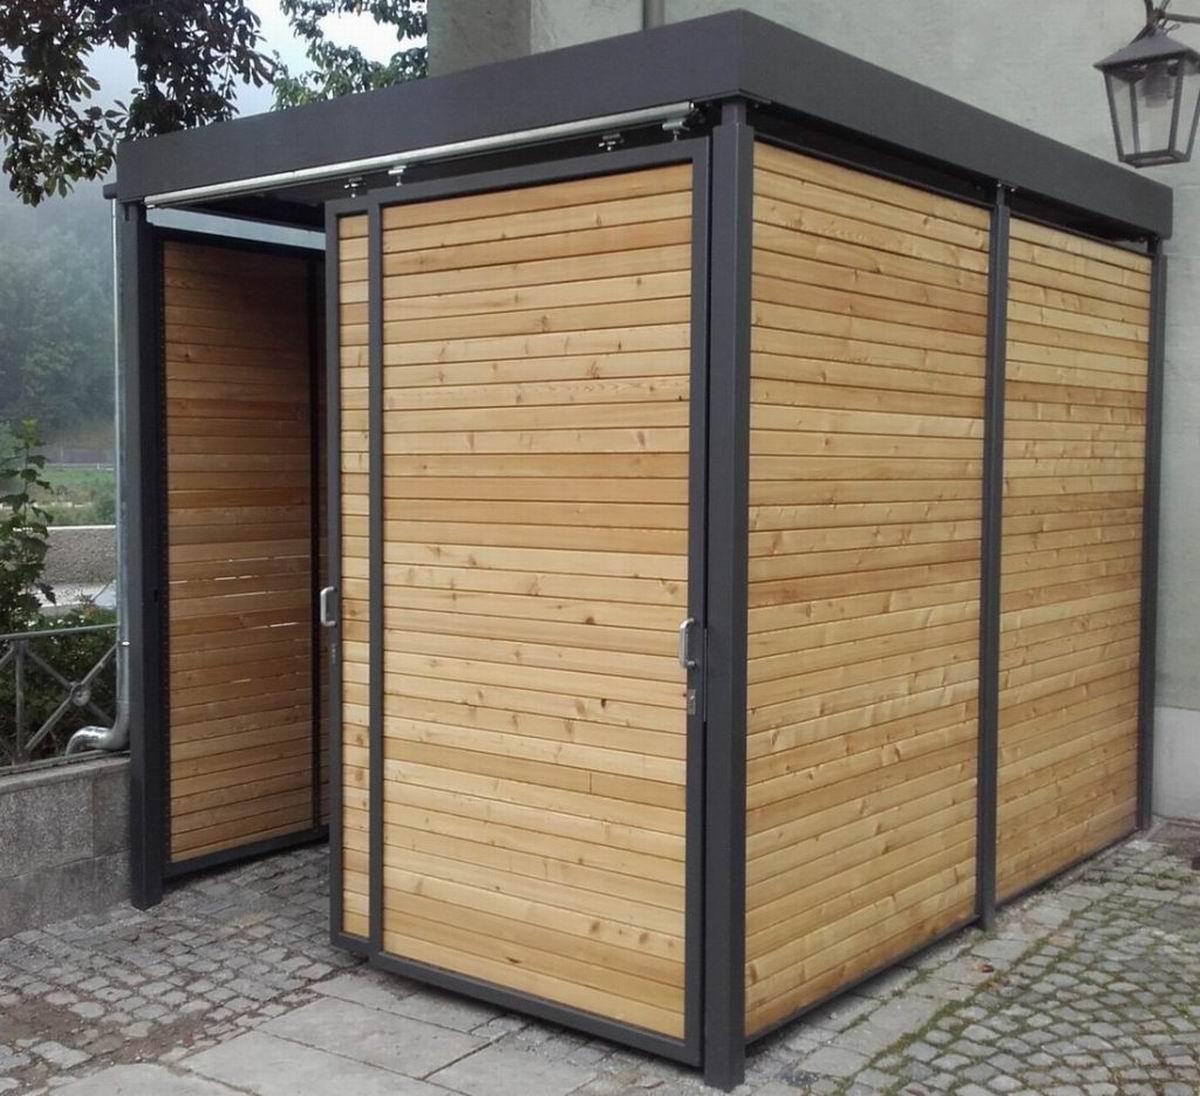 carports carport ger teschuppen gartenhaus m lltonnenhaus fahrradhaus. Black Bedroom Furniture Sets. Home Design Ideas